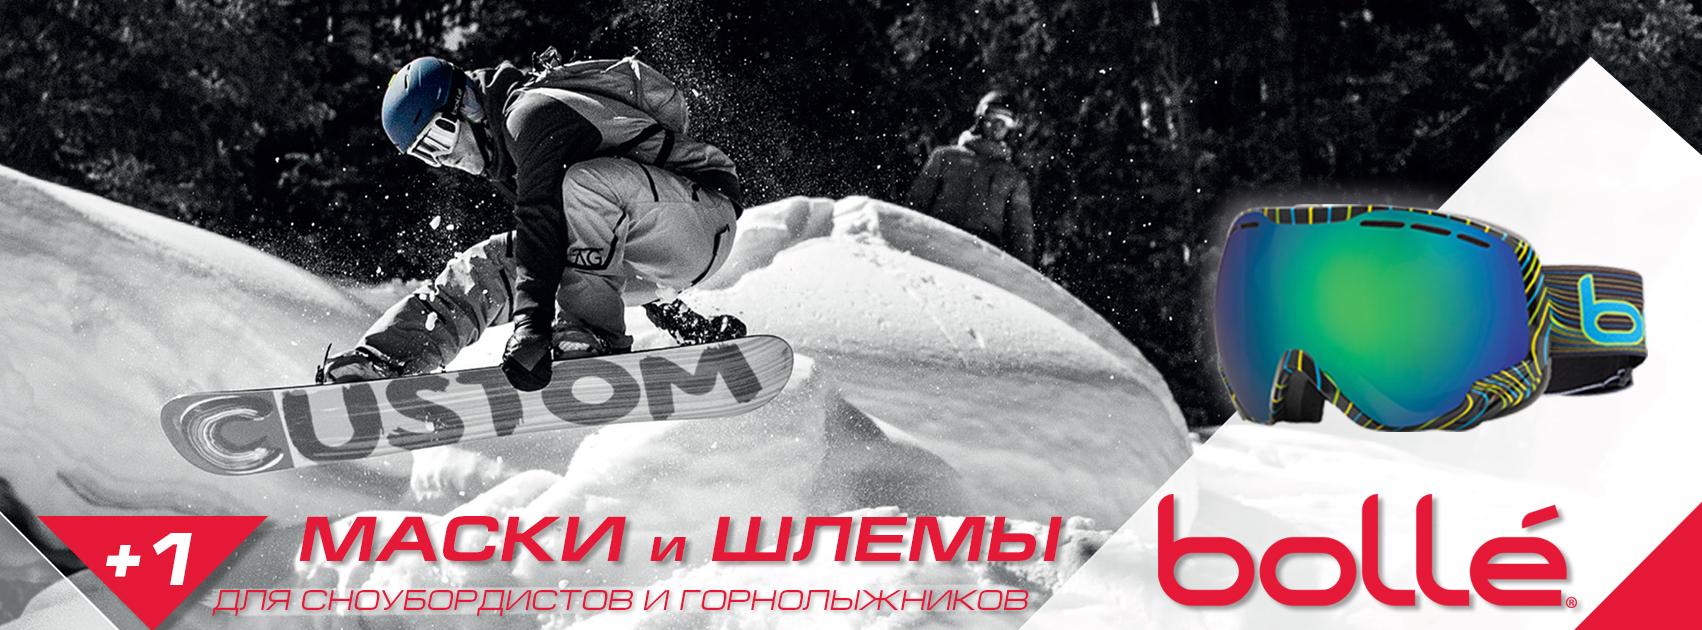 oblozhka-bolle-6